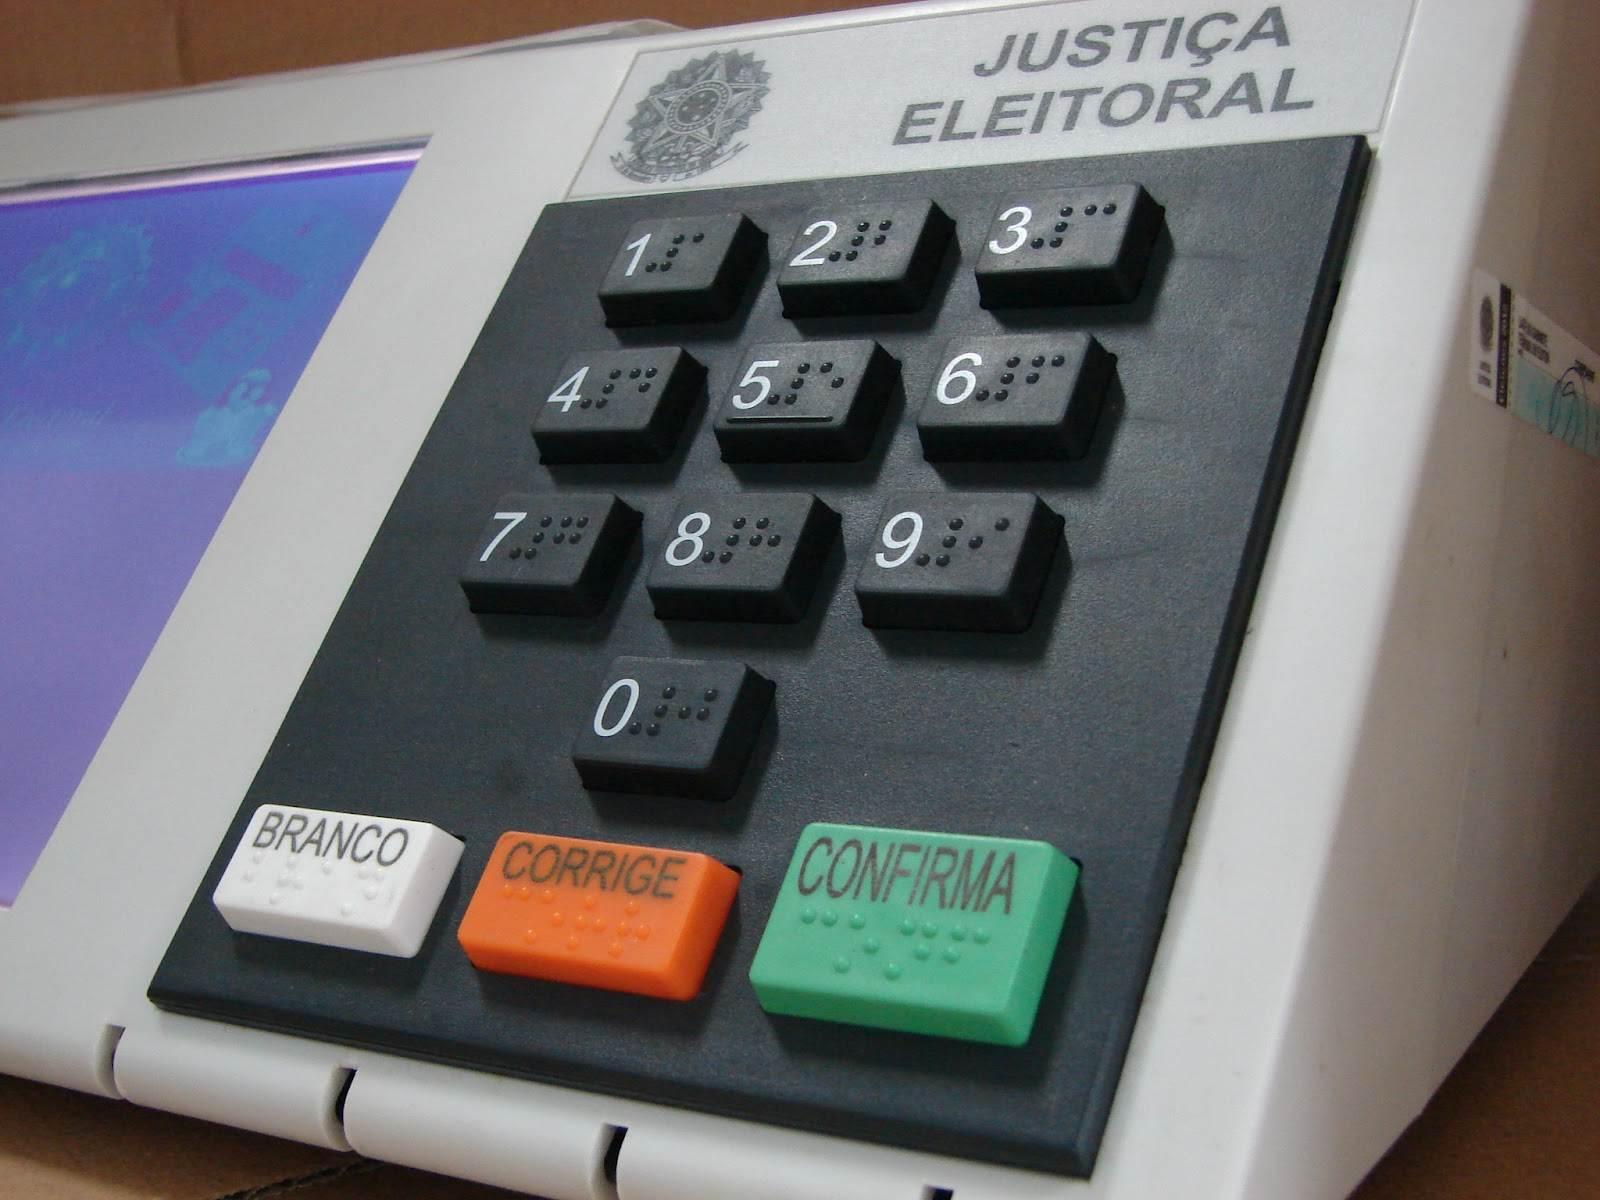 Juiz concedeu direito de candidatura independente   Foto: Reprodução